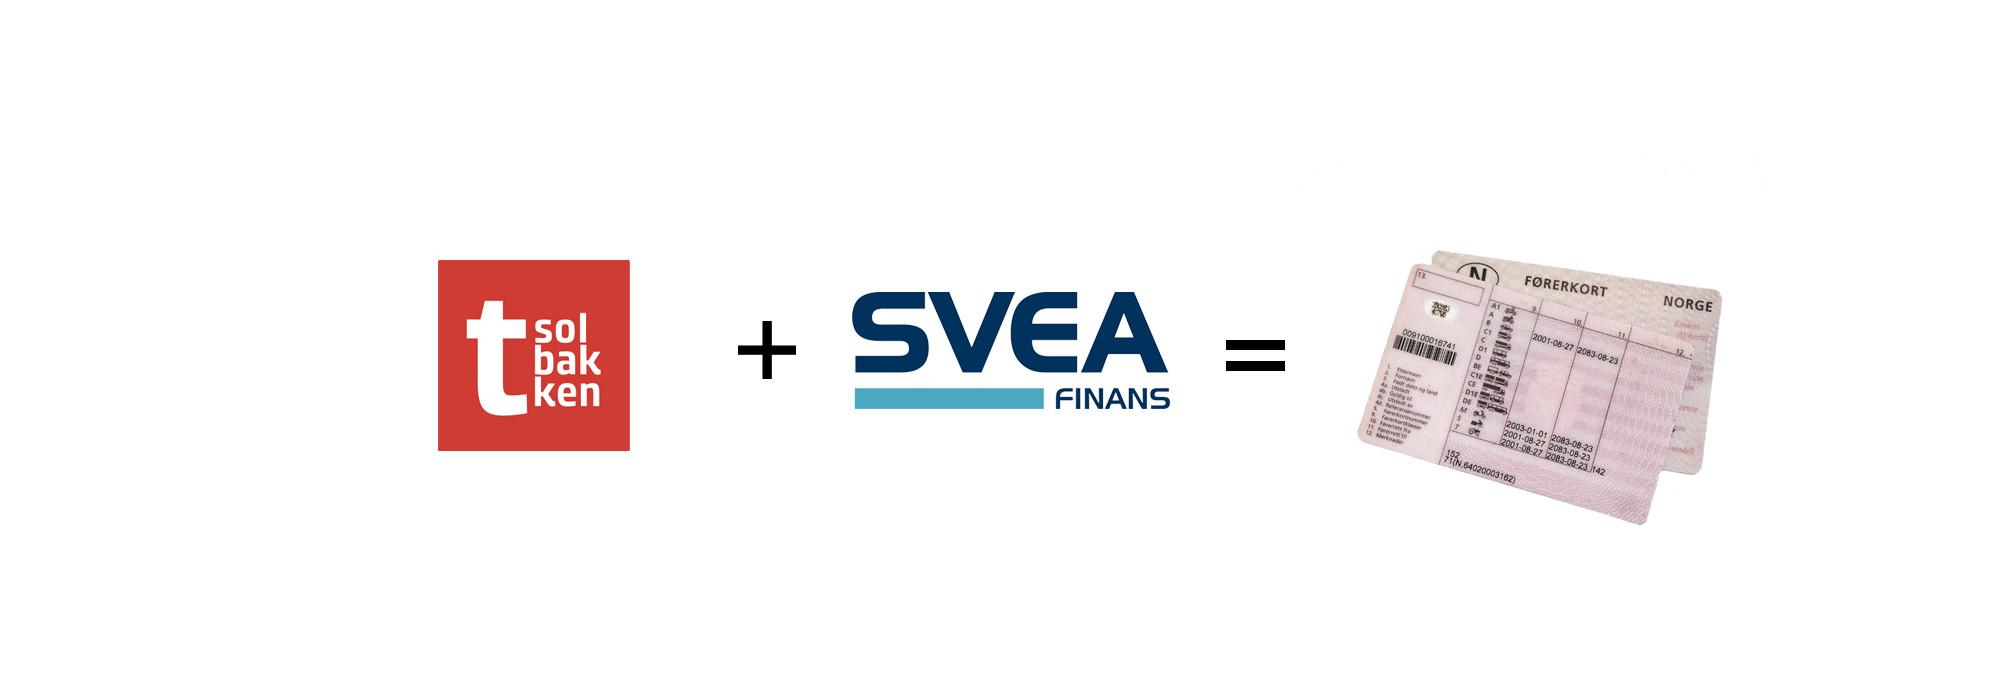 ccb99385 Svea finans + Tsolbakken = Ta sertifikatet med delbetaling